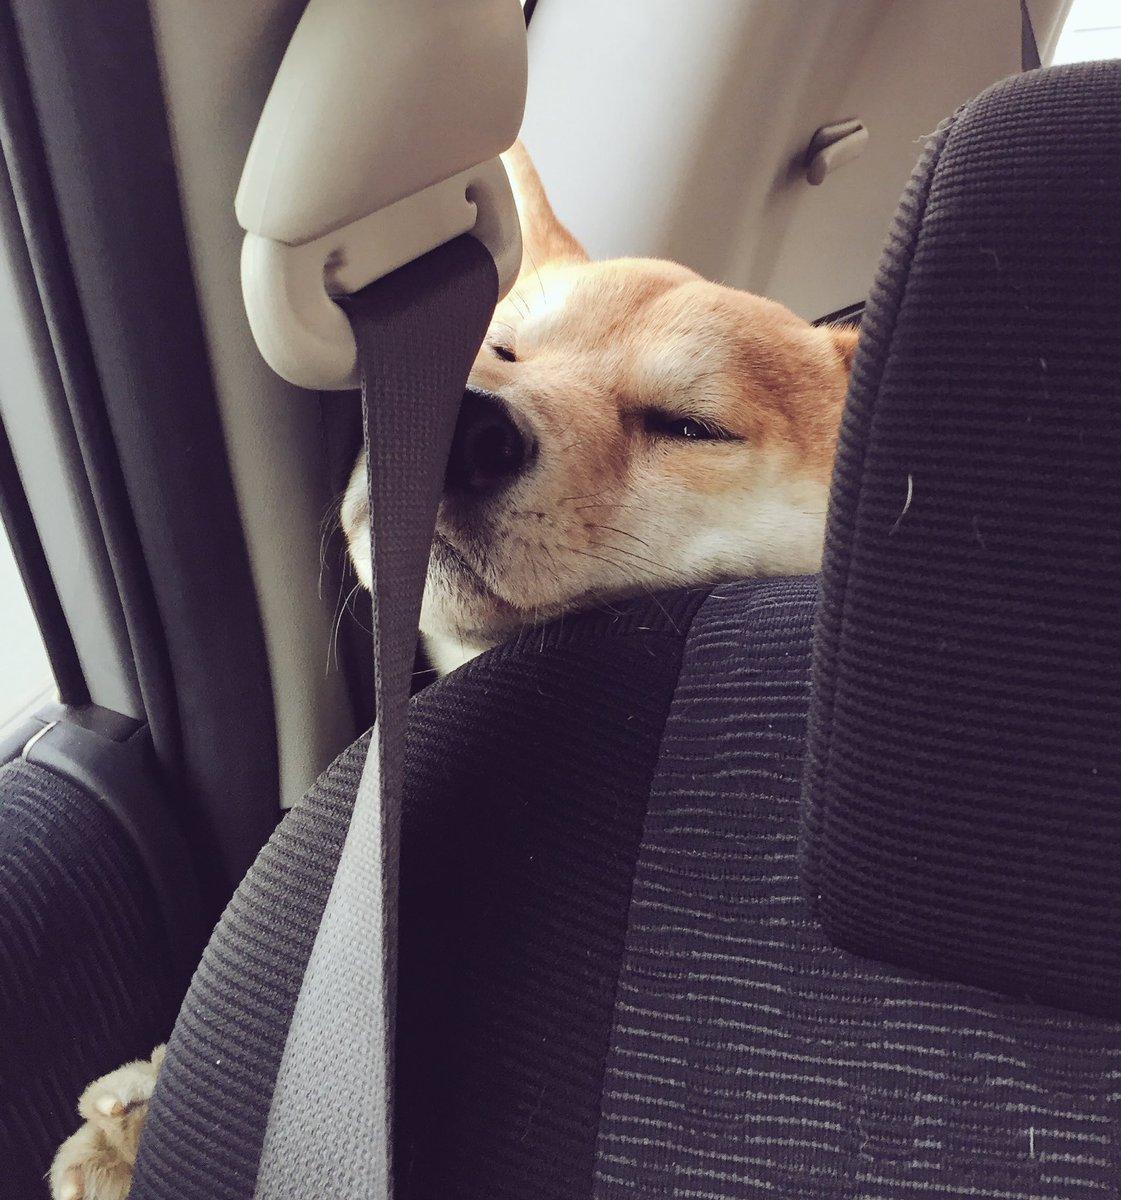 どうしても前に行きたいw車の後ろから顔を押しつけて前に出ようとする犬w